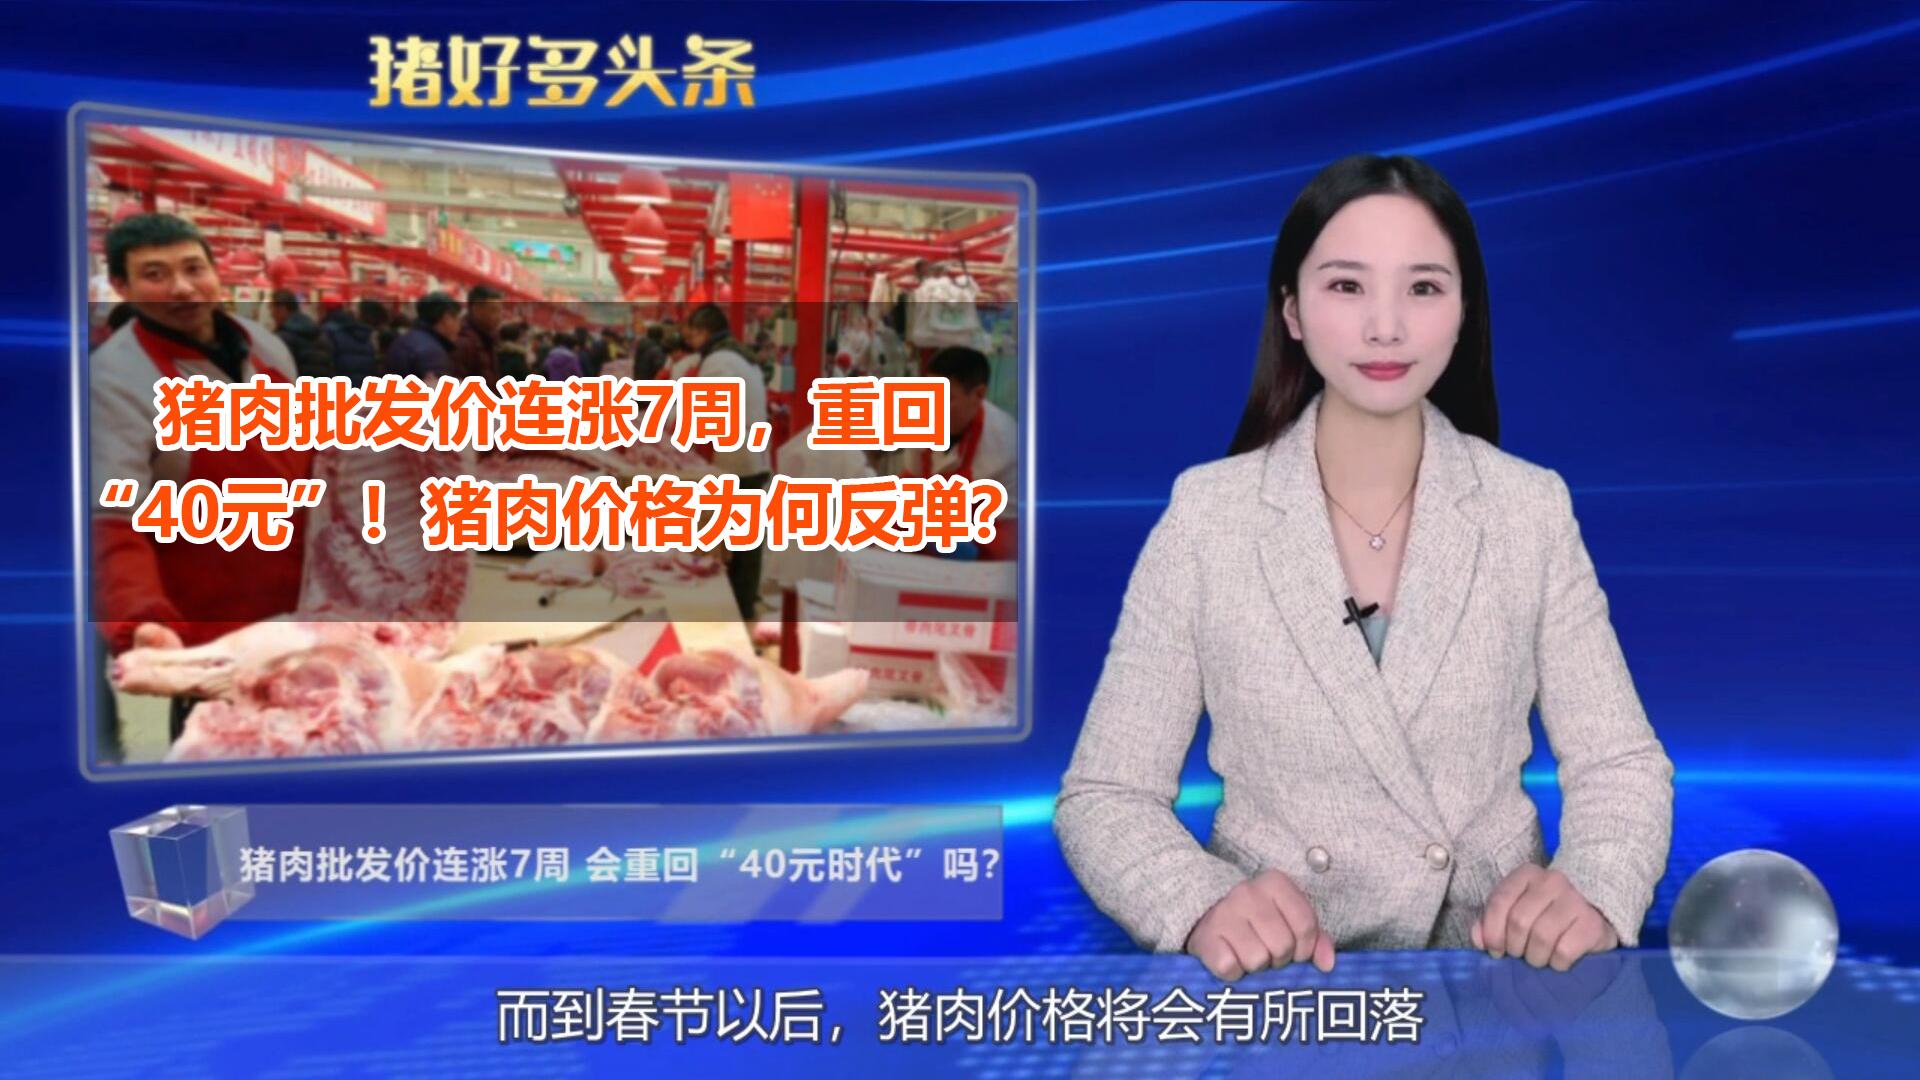 """猪肉批发价连涨7周,重回""""40元时代""""!解析:肉价为何反弹?"""